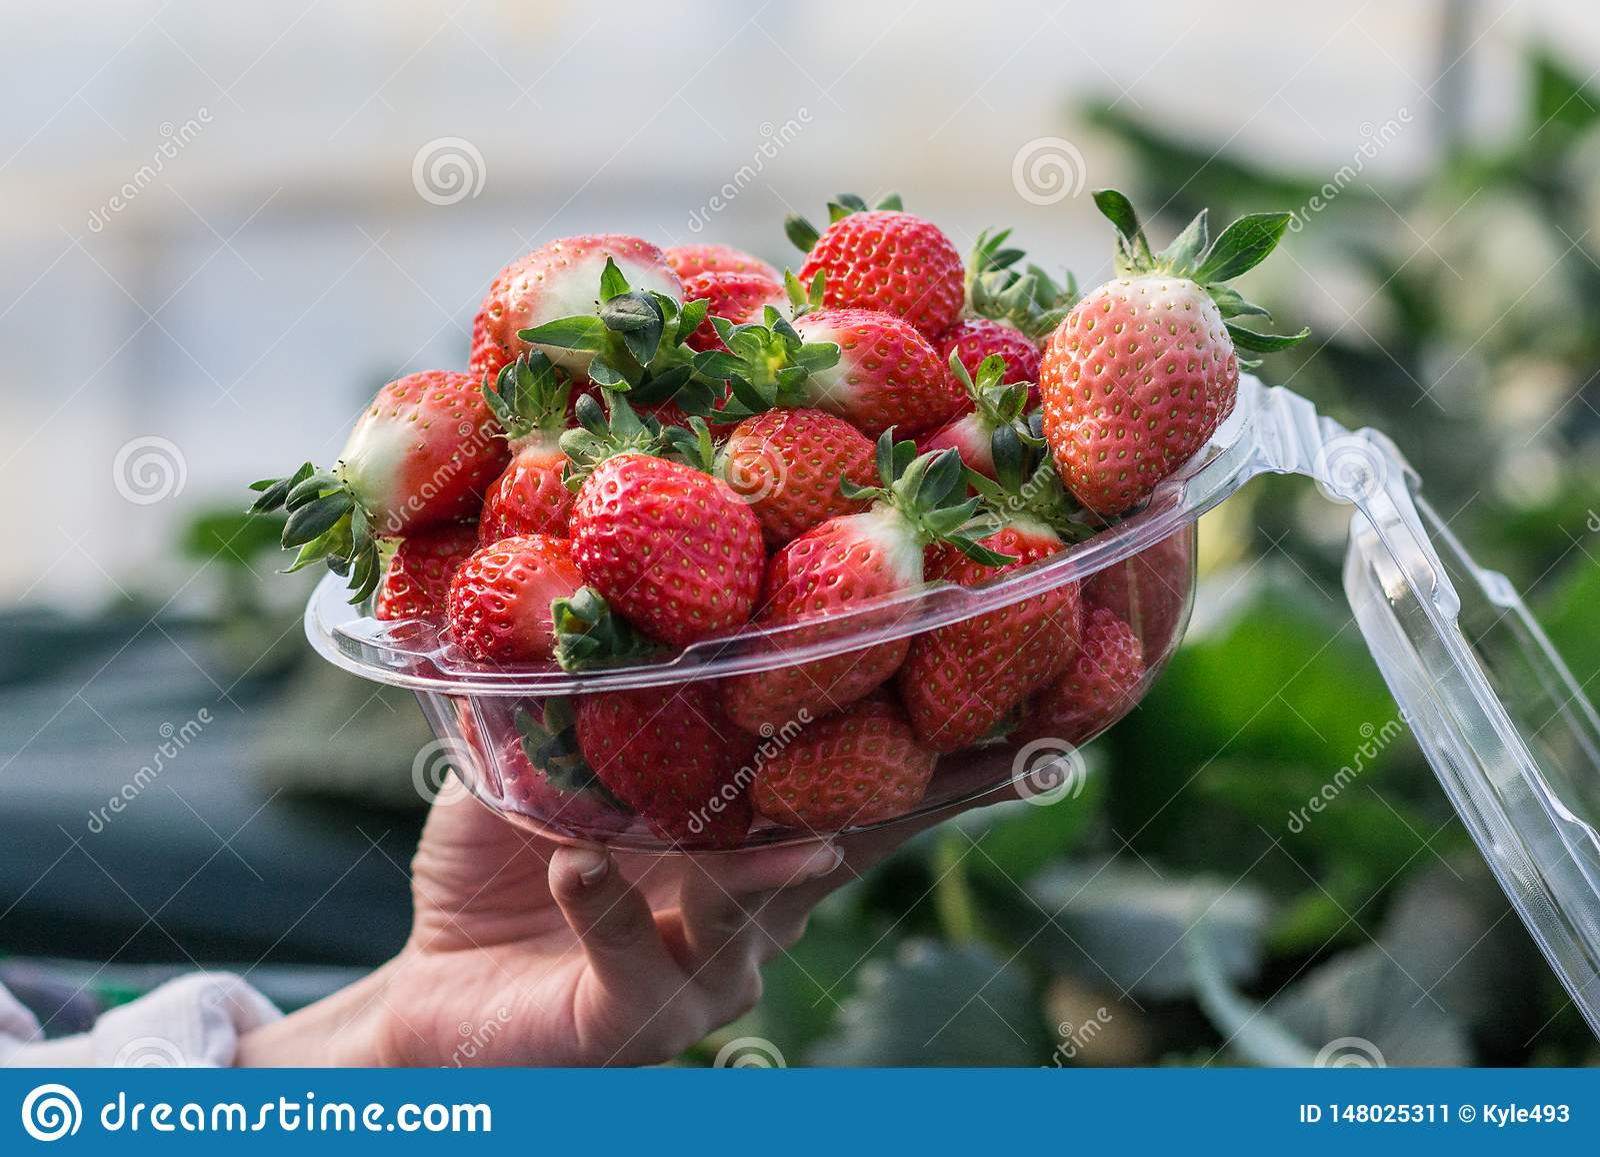 Close-ups van een vrouw die een kom van vers geplukte aardbeien houden